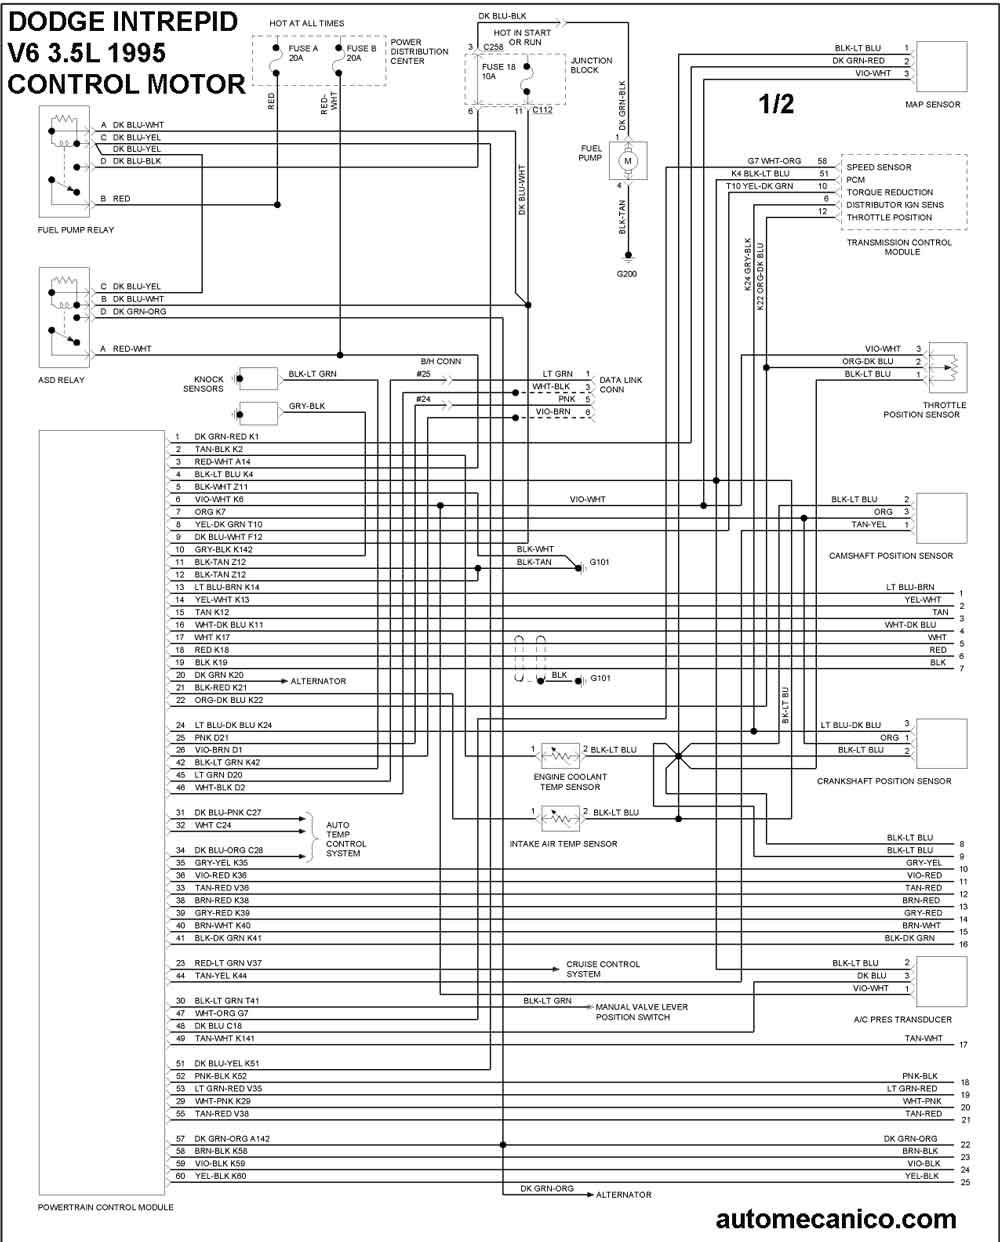 Dodge -1995 - Diagramas Control Del Motor